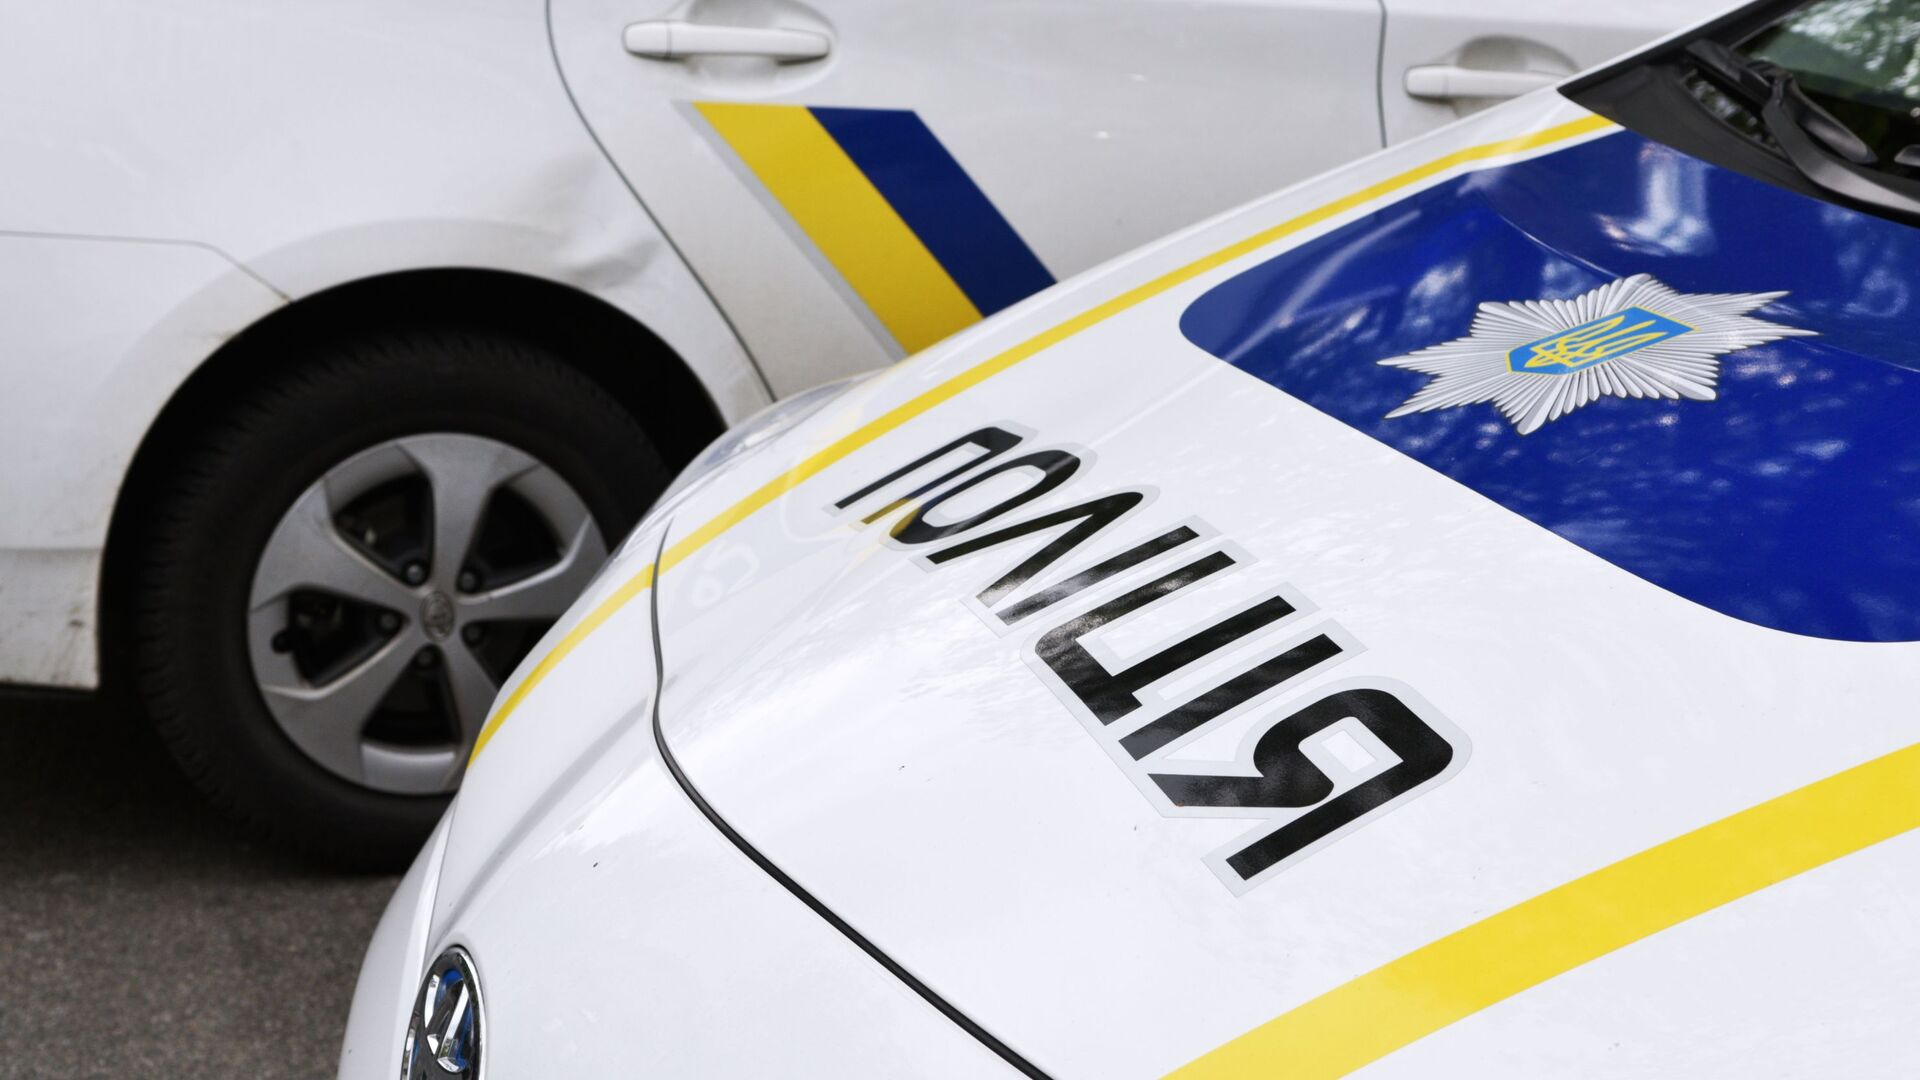 Samochody ukraińskiej policji. Zdjęcie archiwalne - Sputnik Polska, 1920, 03.08.2021